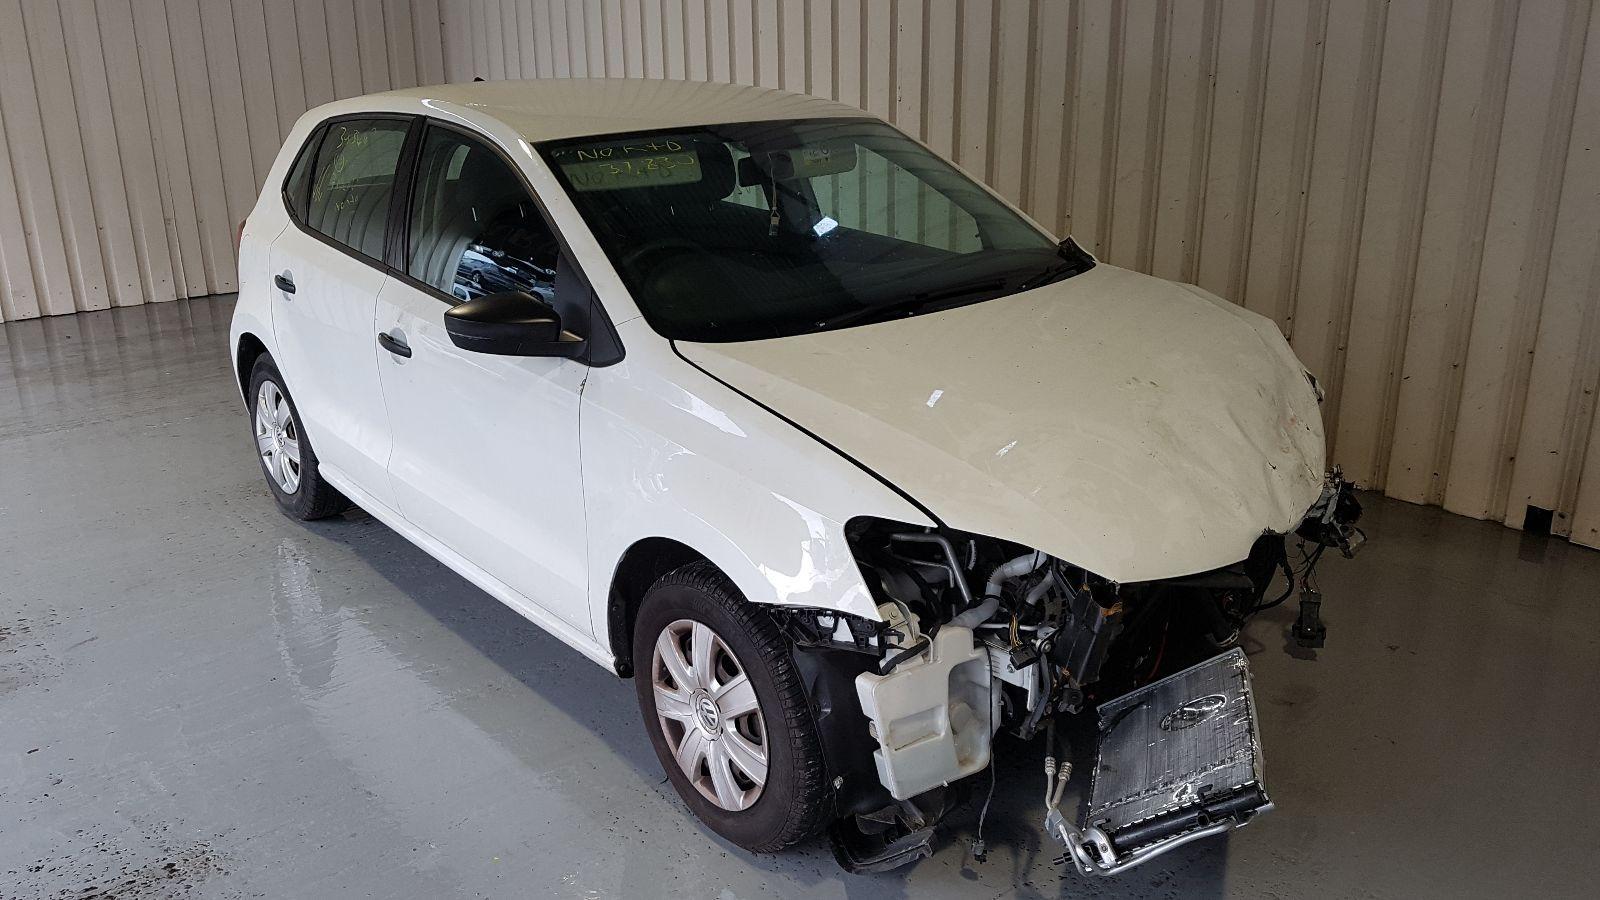 Image for a Volkswagen Polo 2014 5 Door Hatchback Breaking